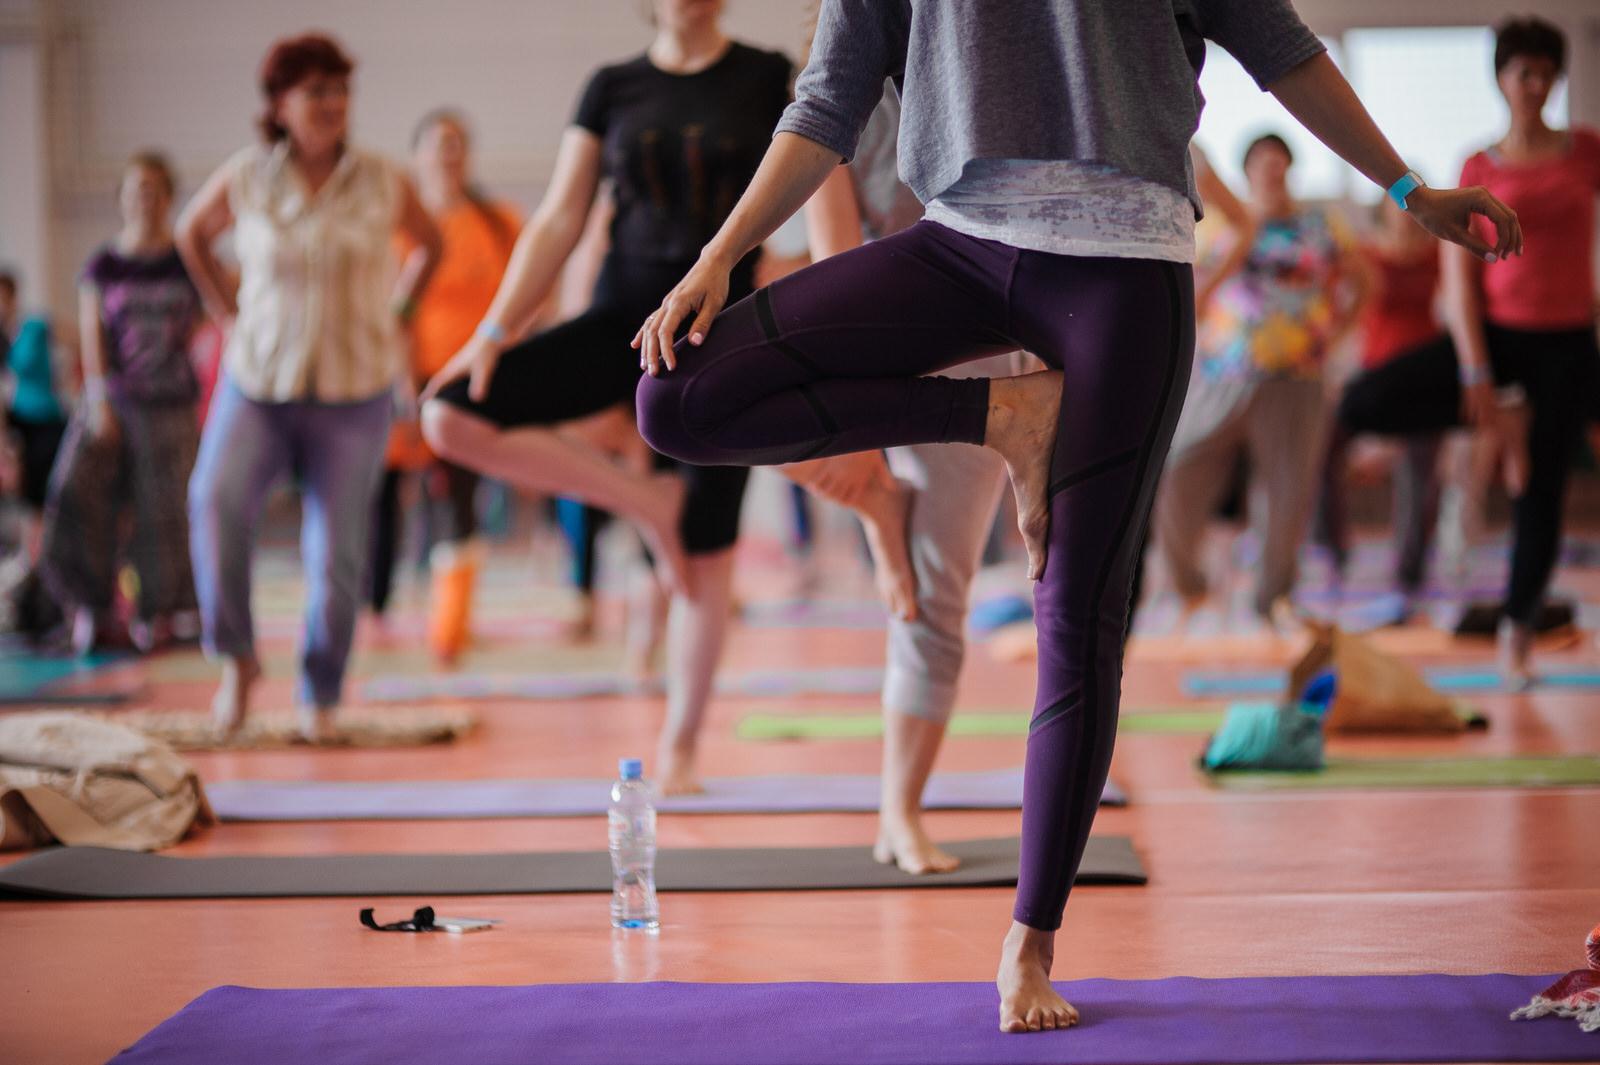 How does one attain moksha through karma yoga? 7